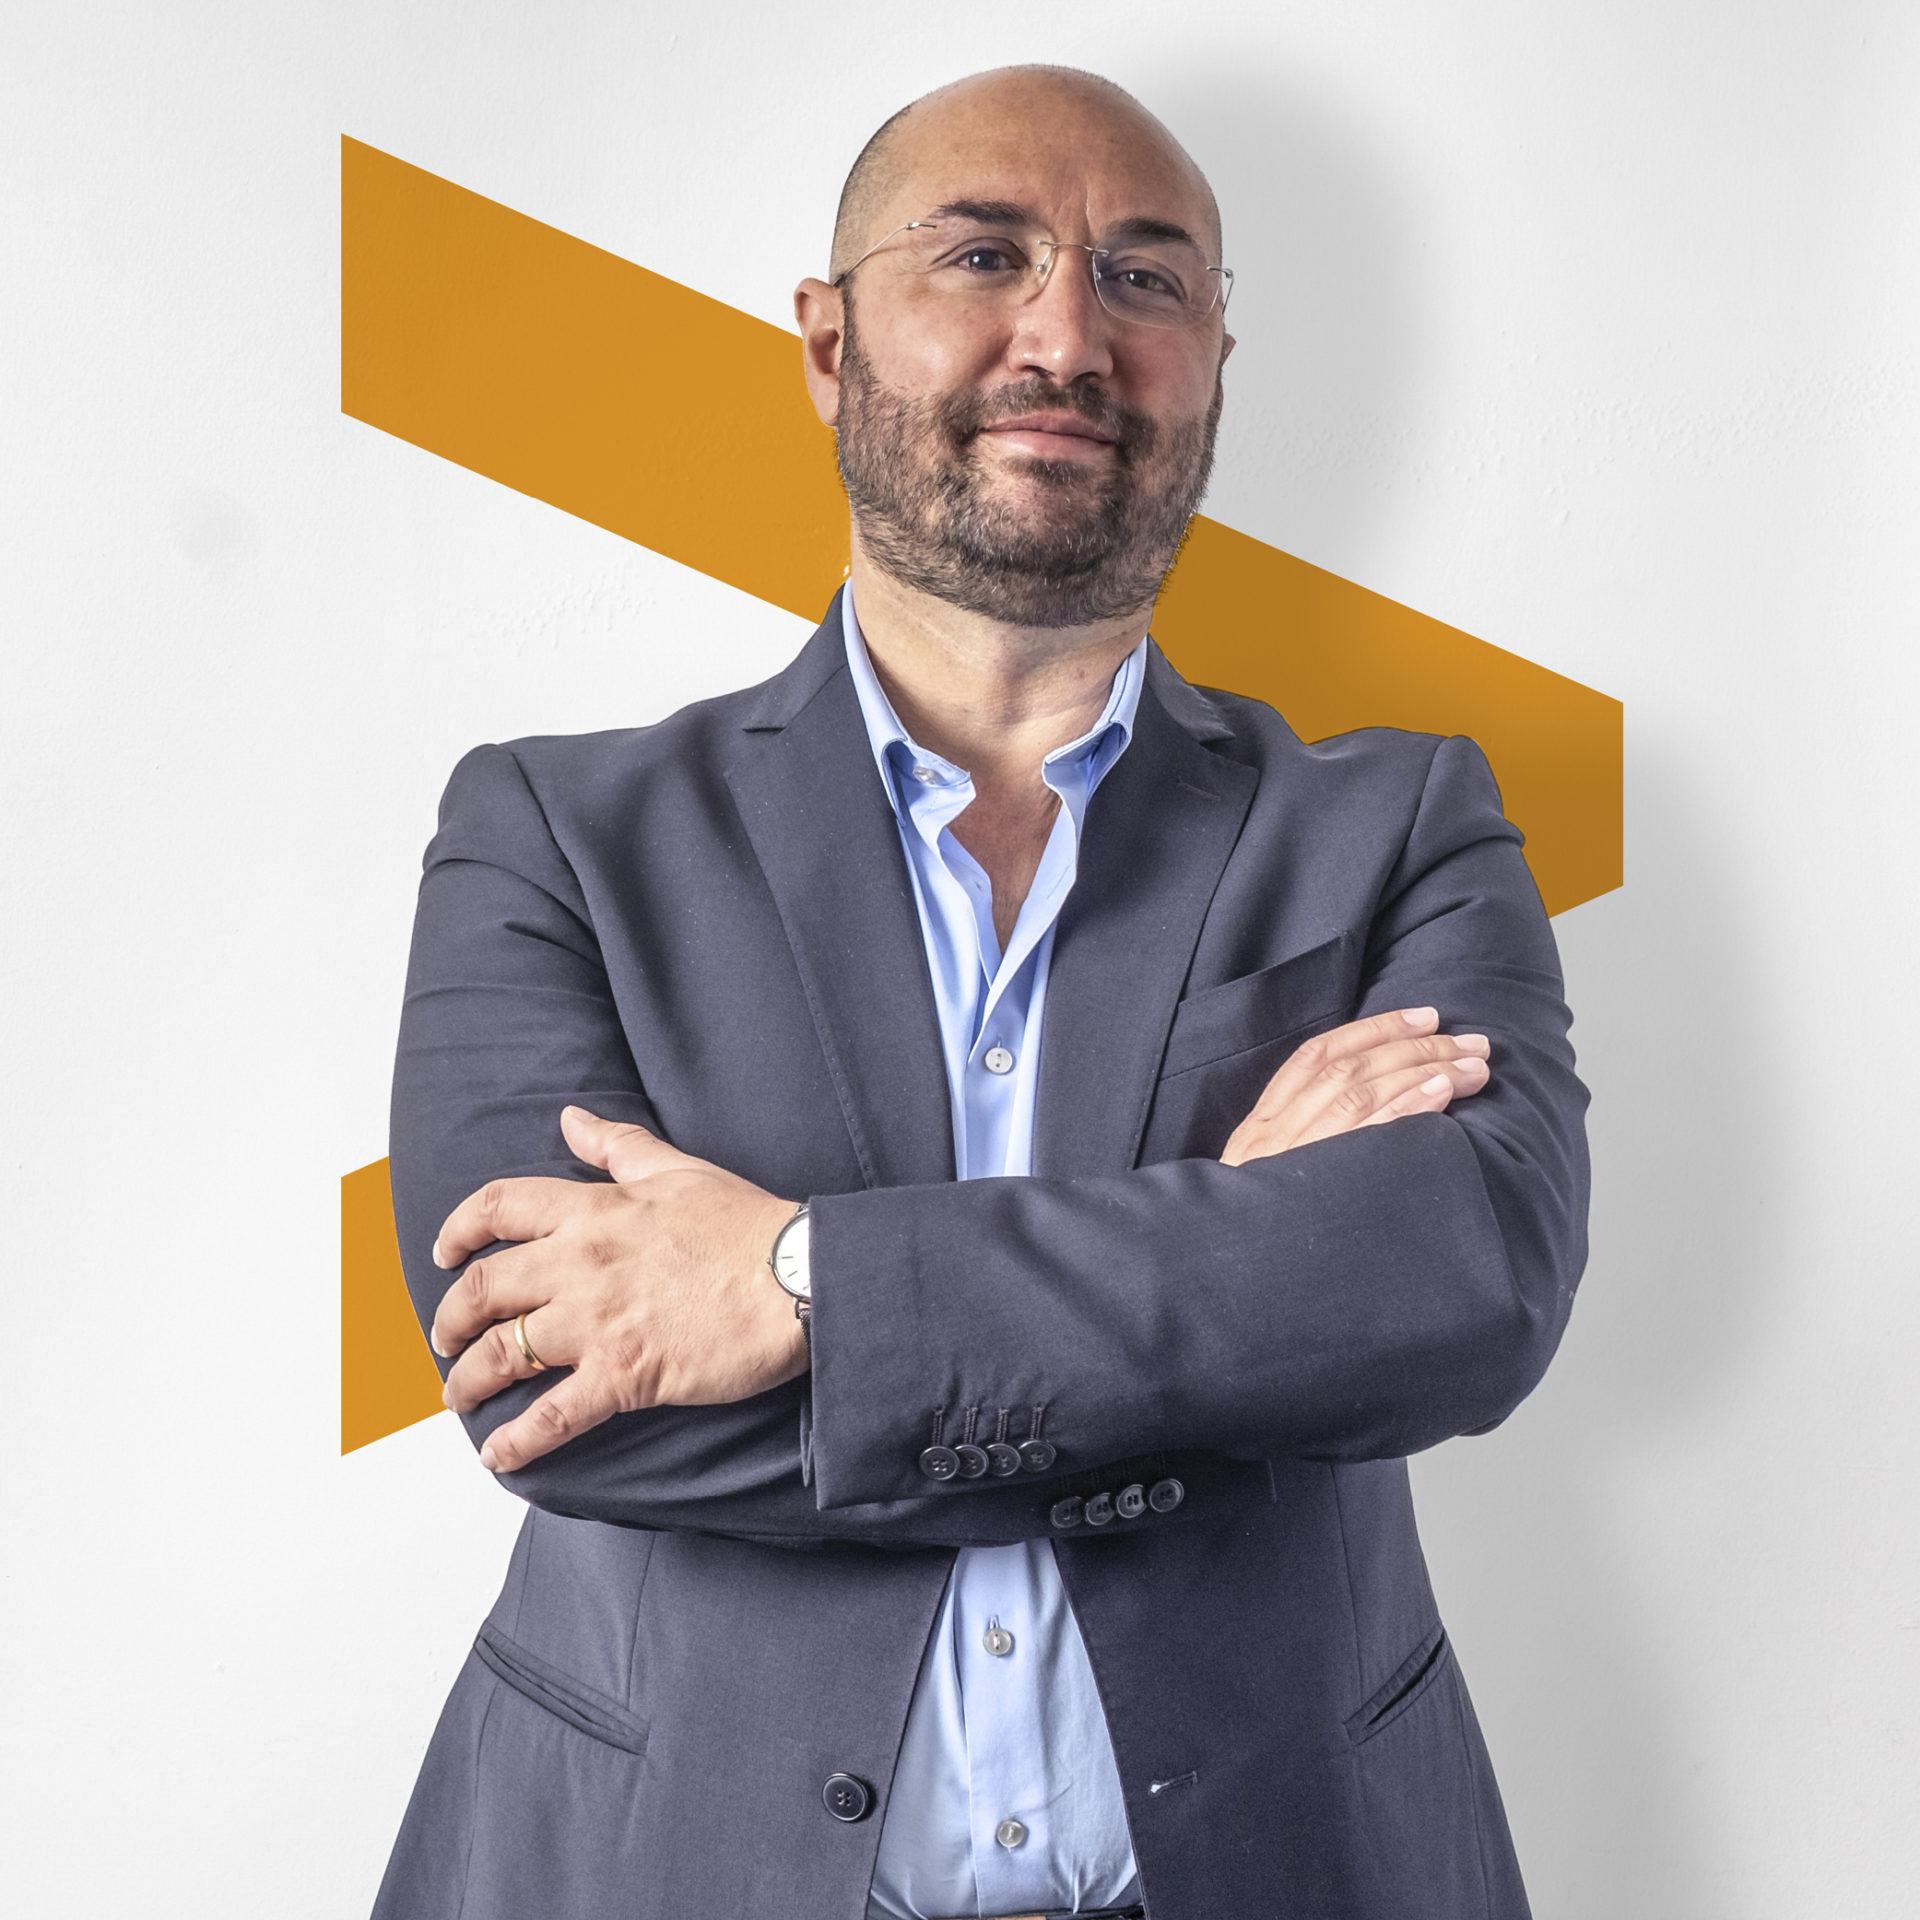 Gianni Rucco